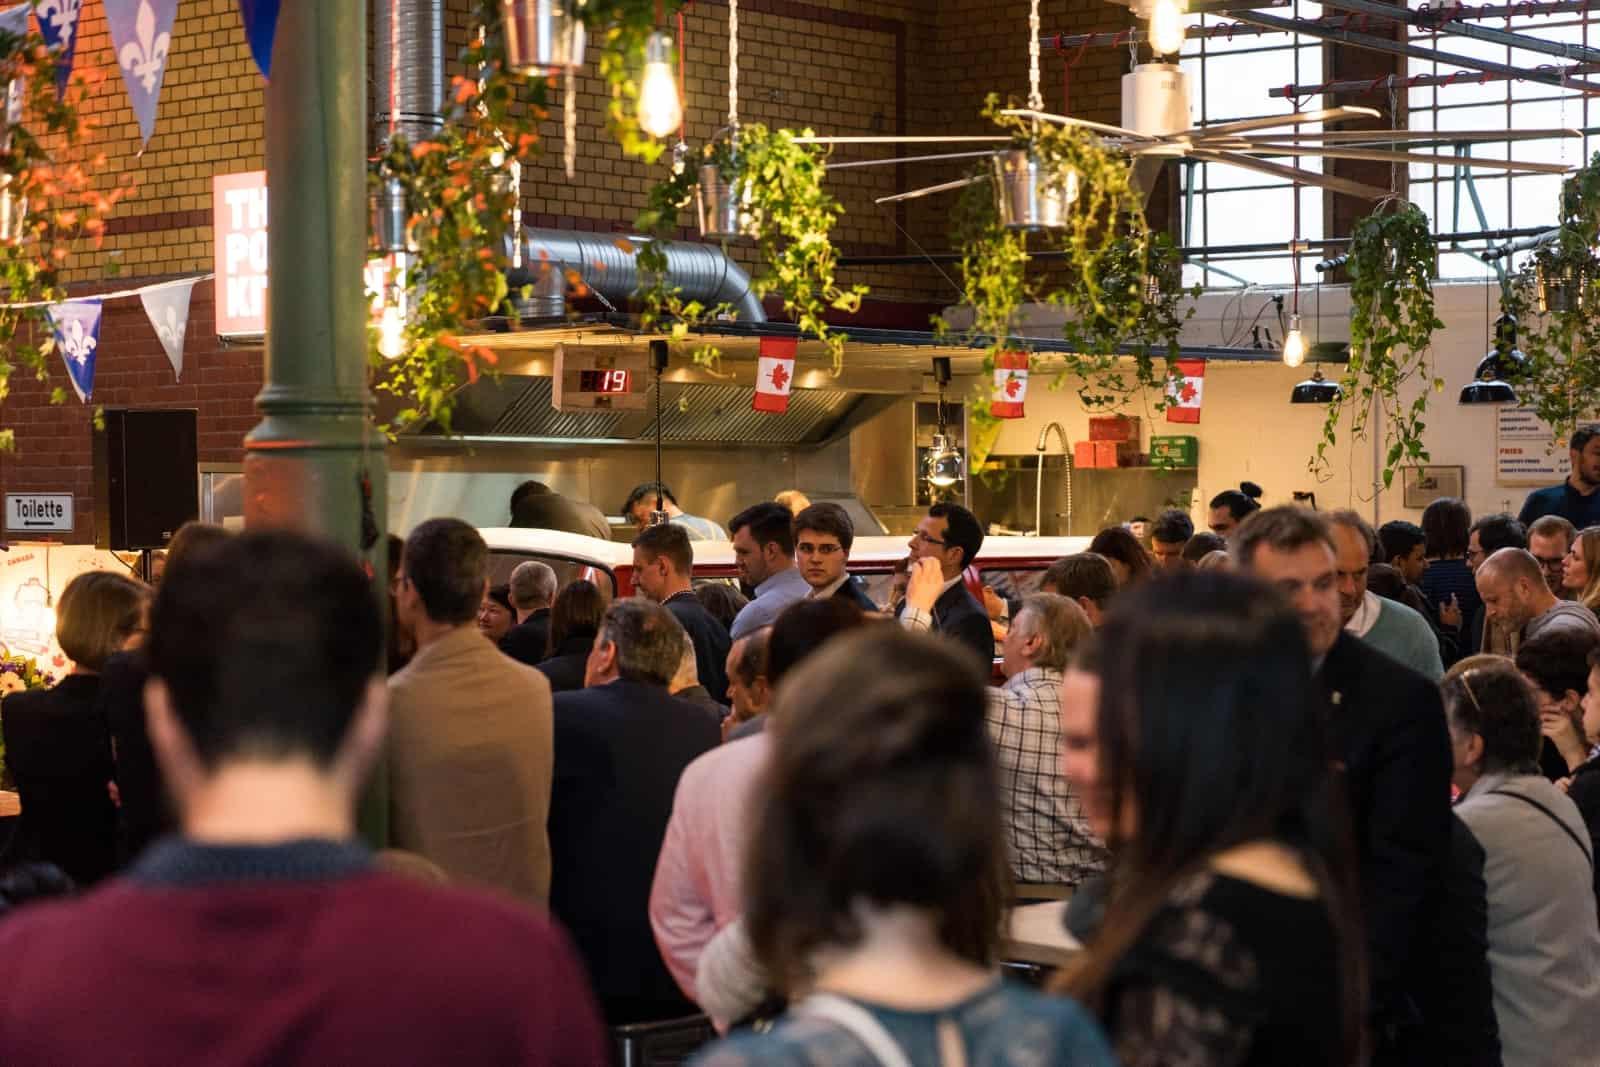 """Viel Prominenz aus Politik und Gesellschaft aus Kanada und Deutschland hat die gelungene Eröffnungsfeier von """"The Poutine Kitchen"""" begleitet. Foto ThePoutineKitchen"""